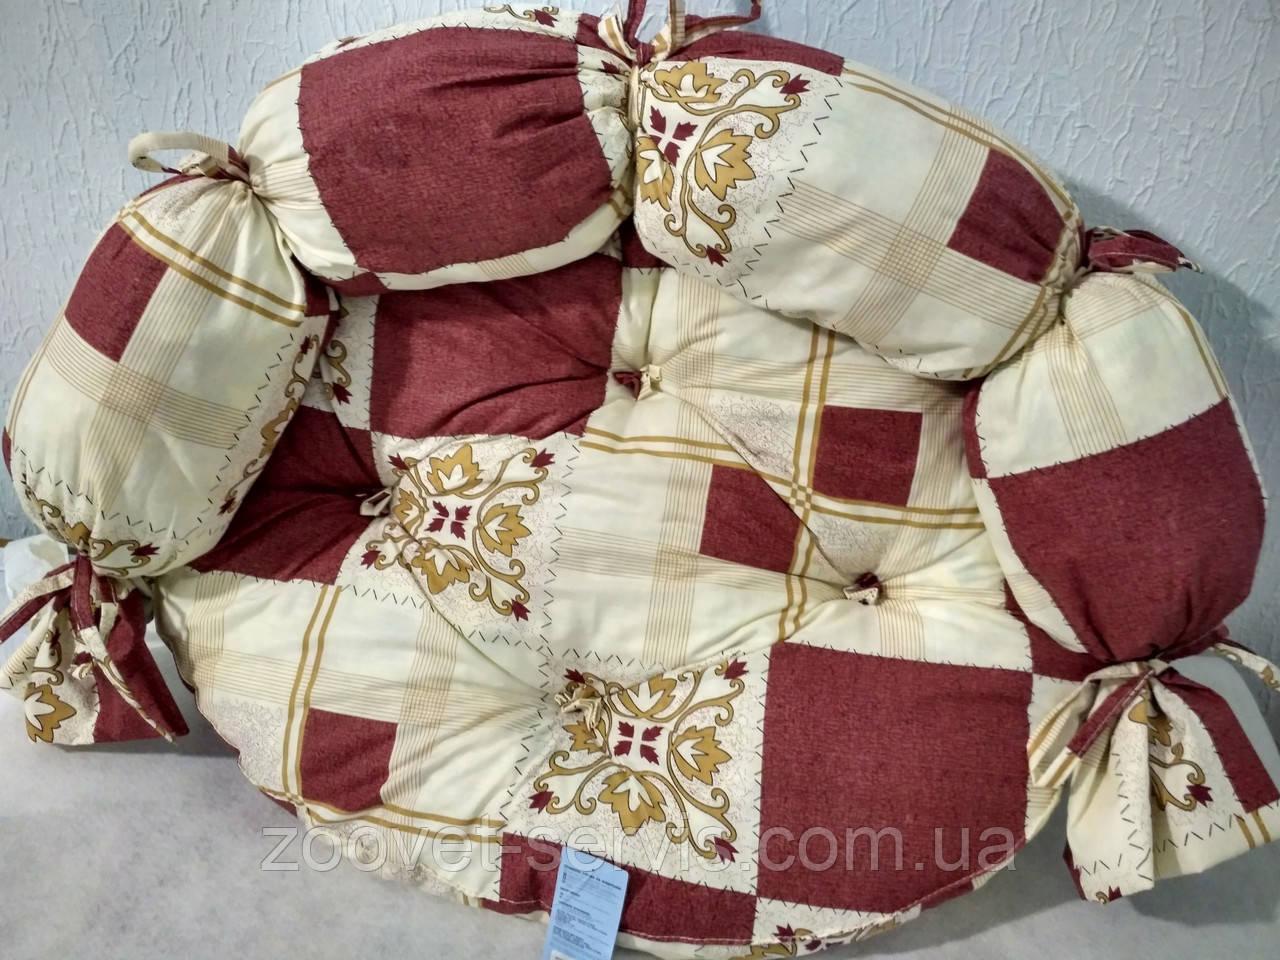 Лежак для котов и собак Collar Босс №1 Д 201 Теремок 65х55х28 см